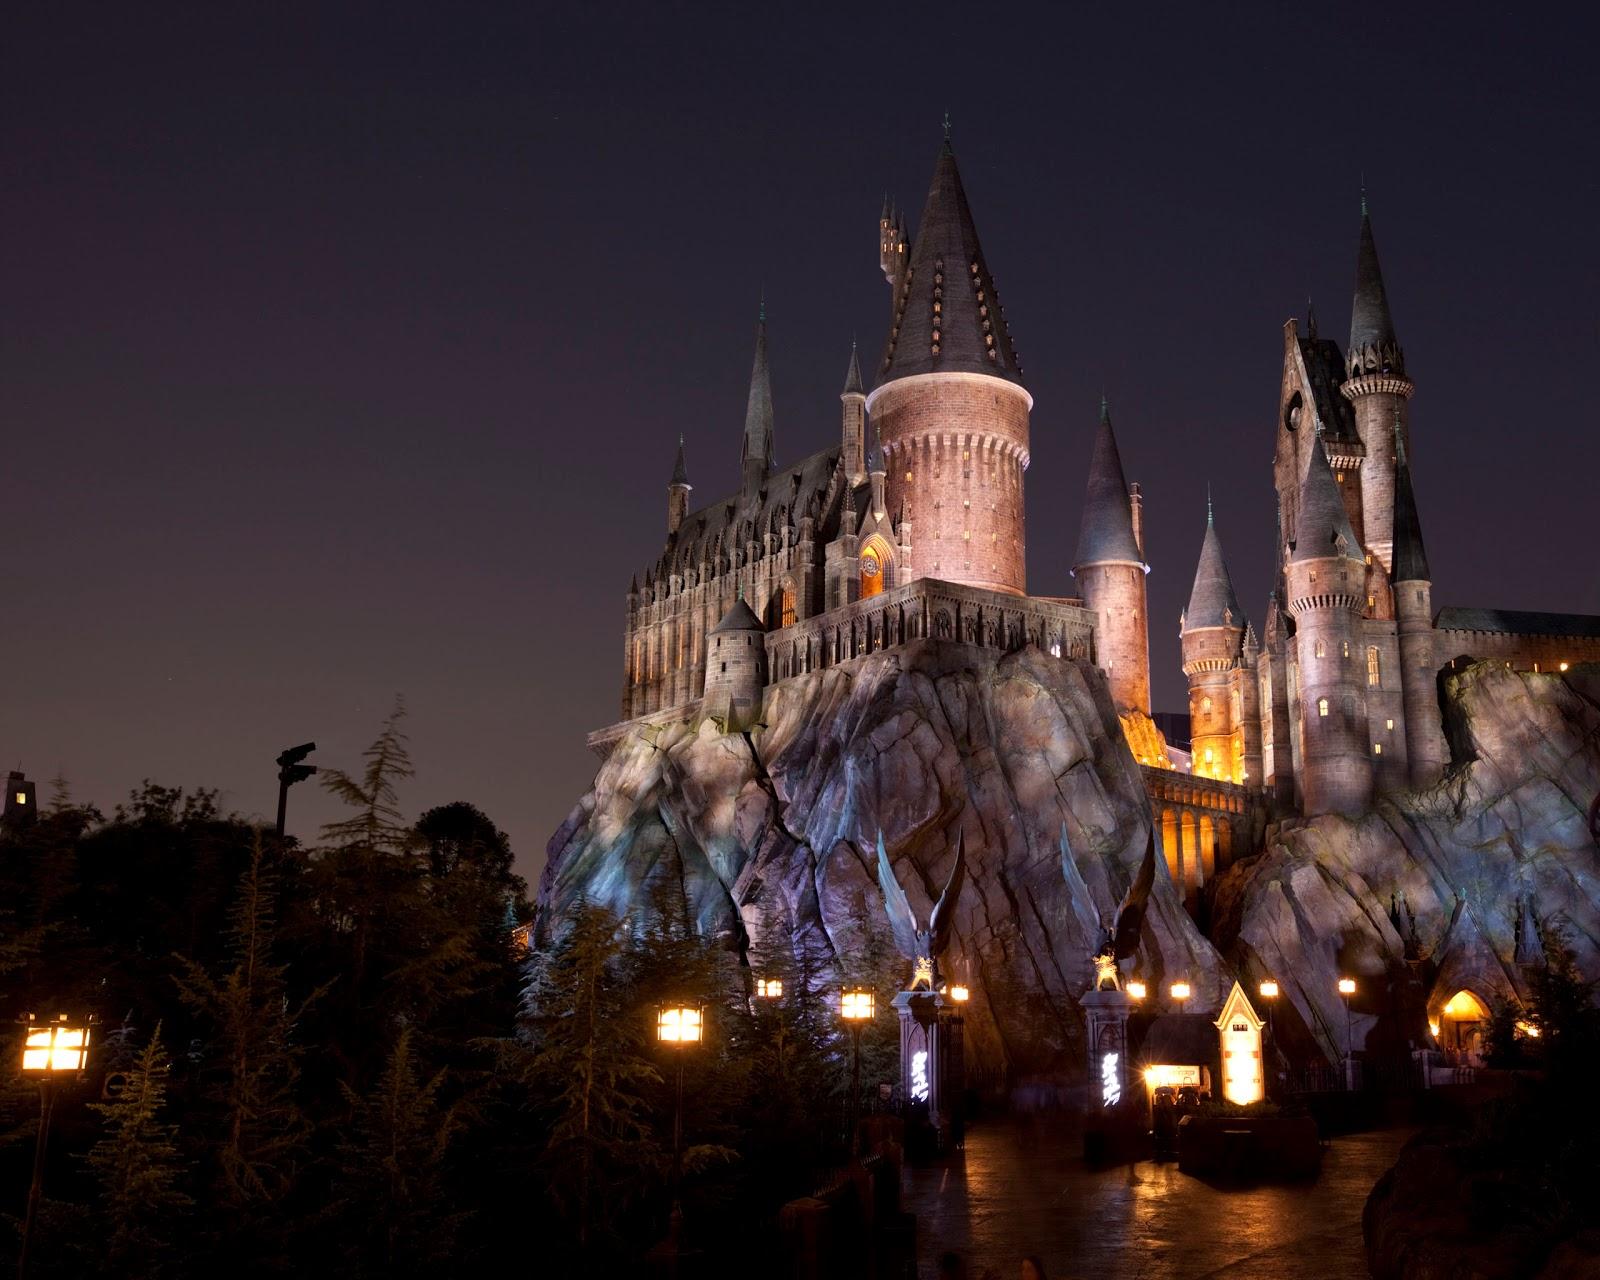 Wizarding world of harry potter osaka geekgasms pinterest wizarding world of harry potter osaka geekgasms pinterest osaka and japan gumiabroncs Choice Image